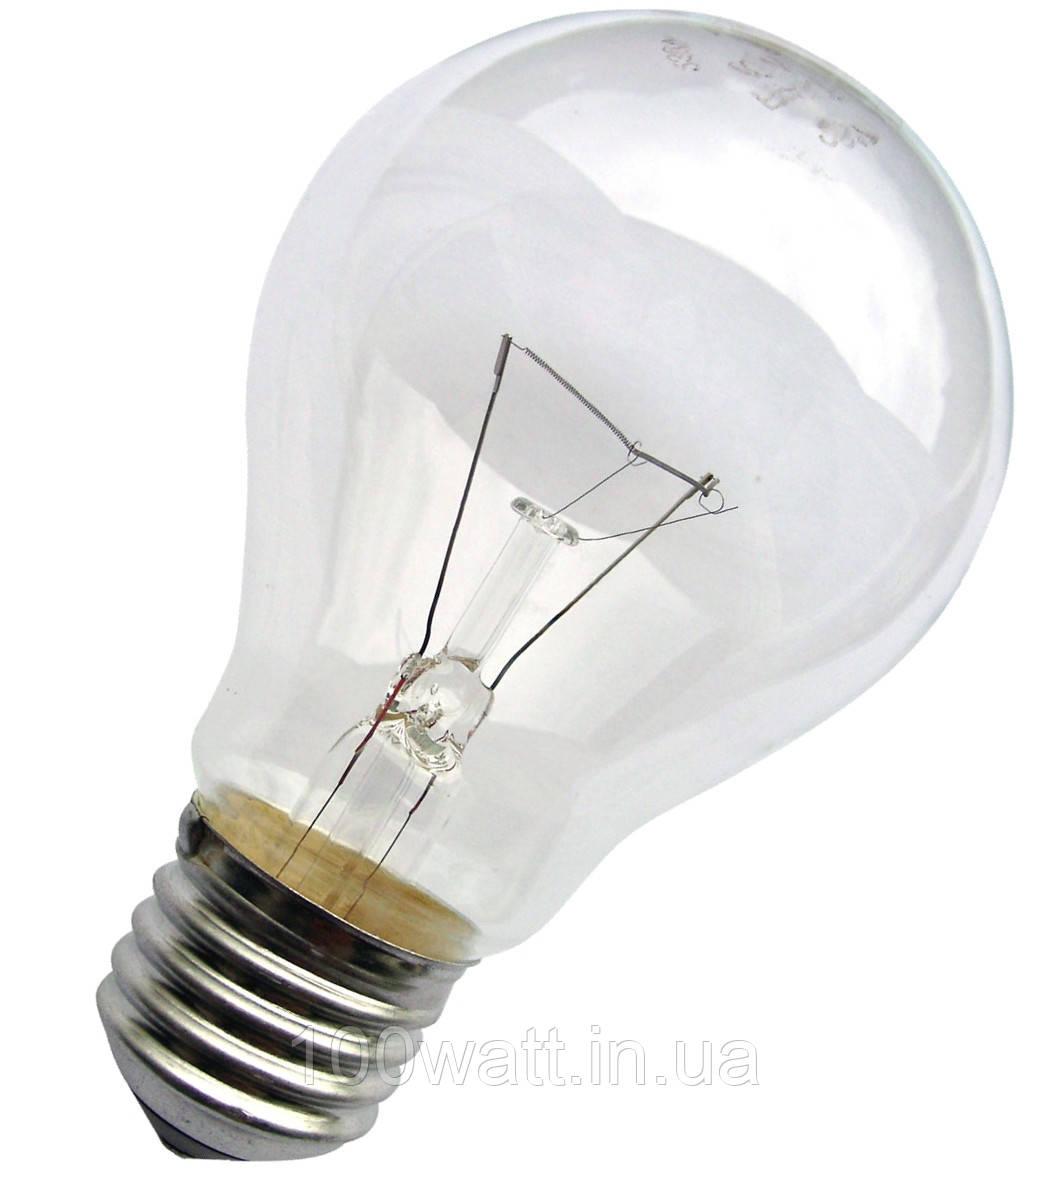 Лампа накаливания ЛОН 150 Вт Е27